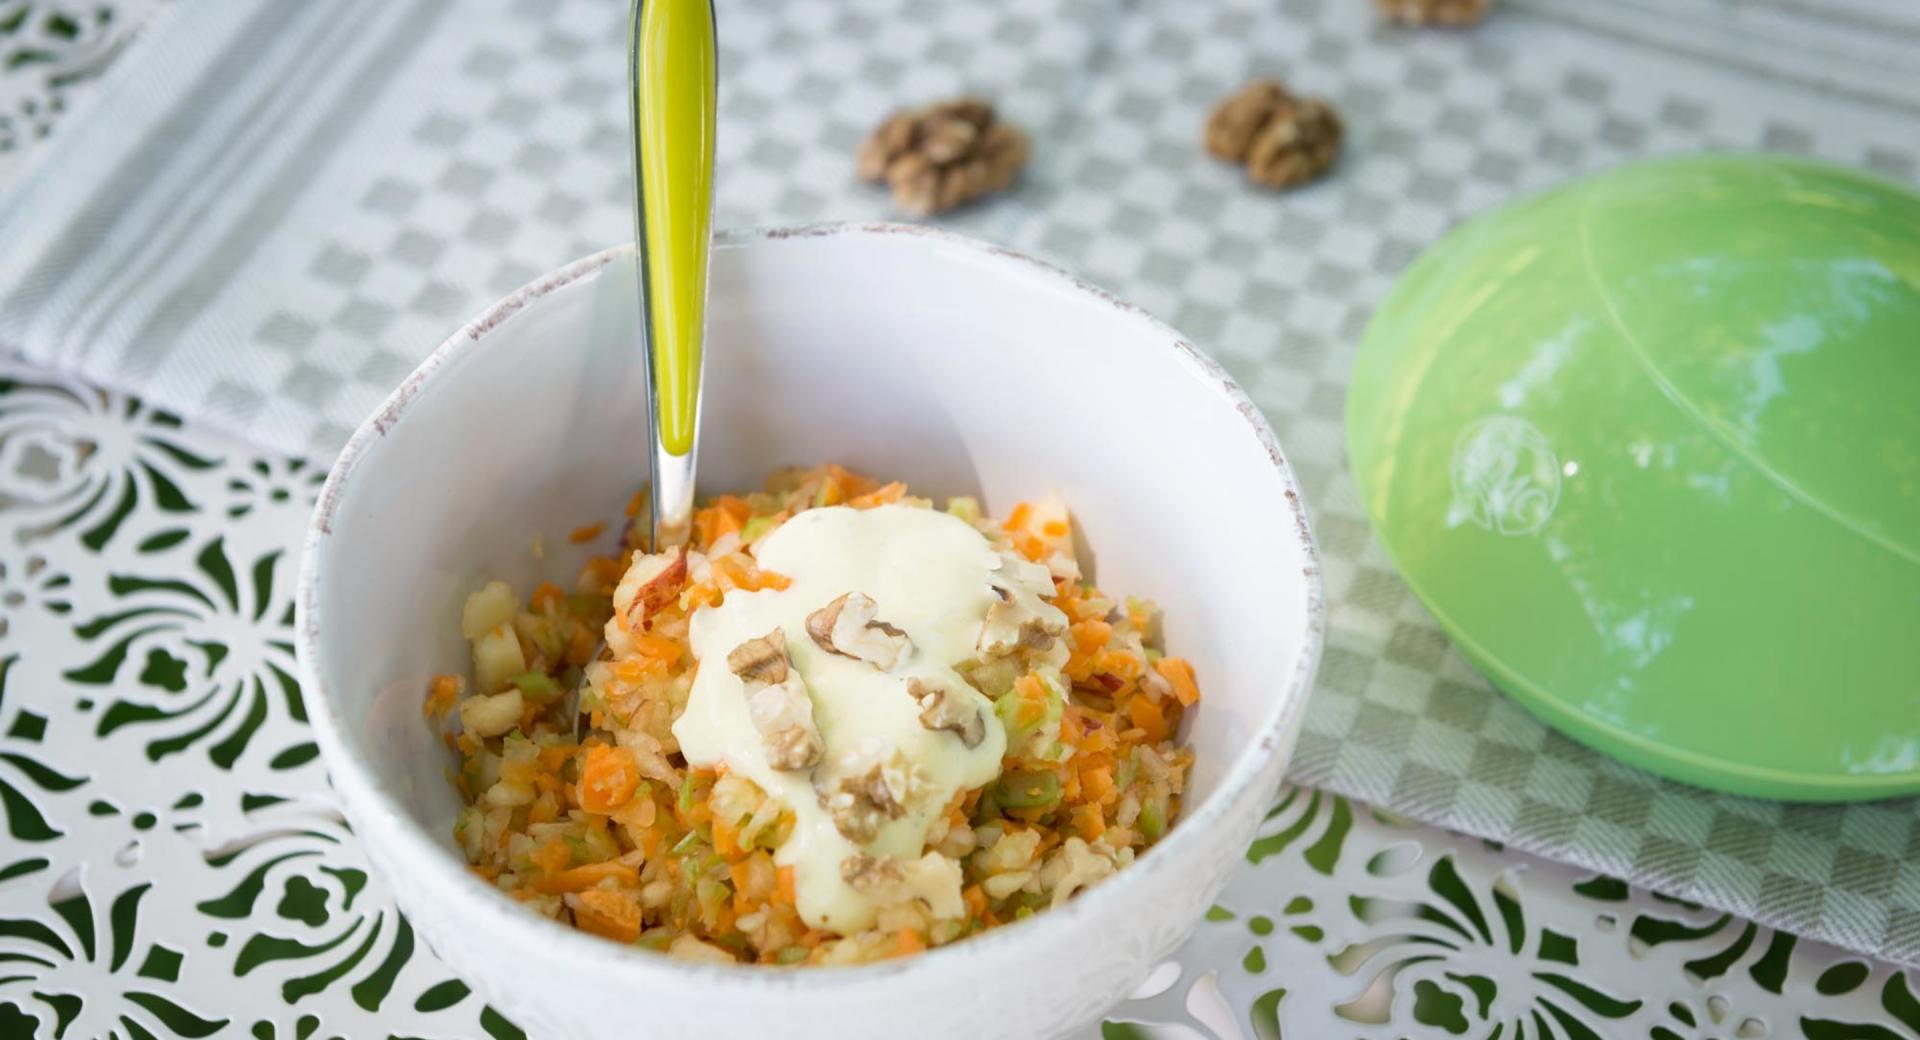 Ensalada de manzana y zanahoria con nueces